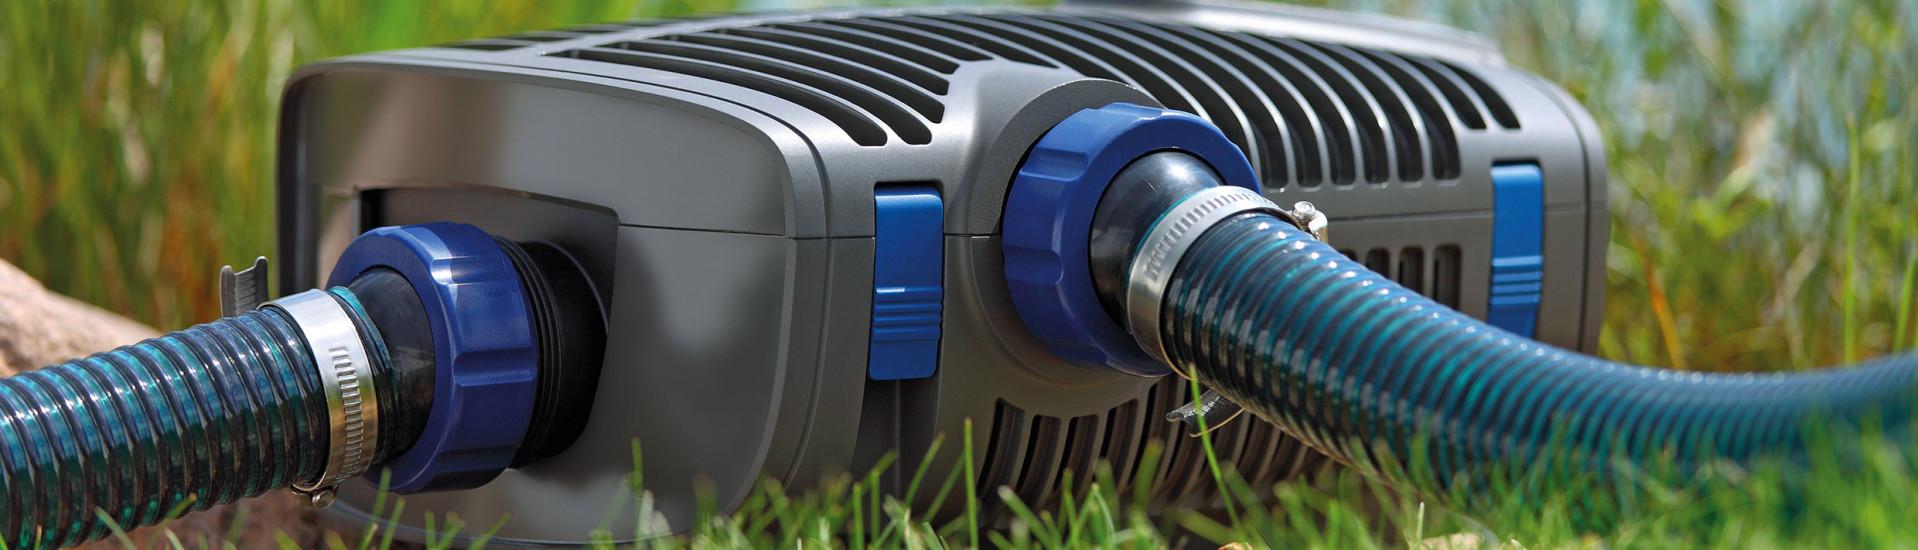 Aquamax Premium Filter Pumps by OASE